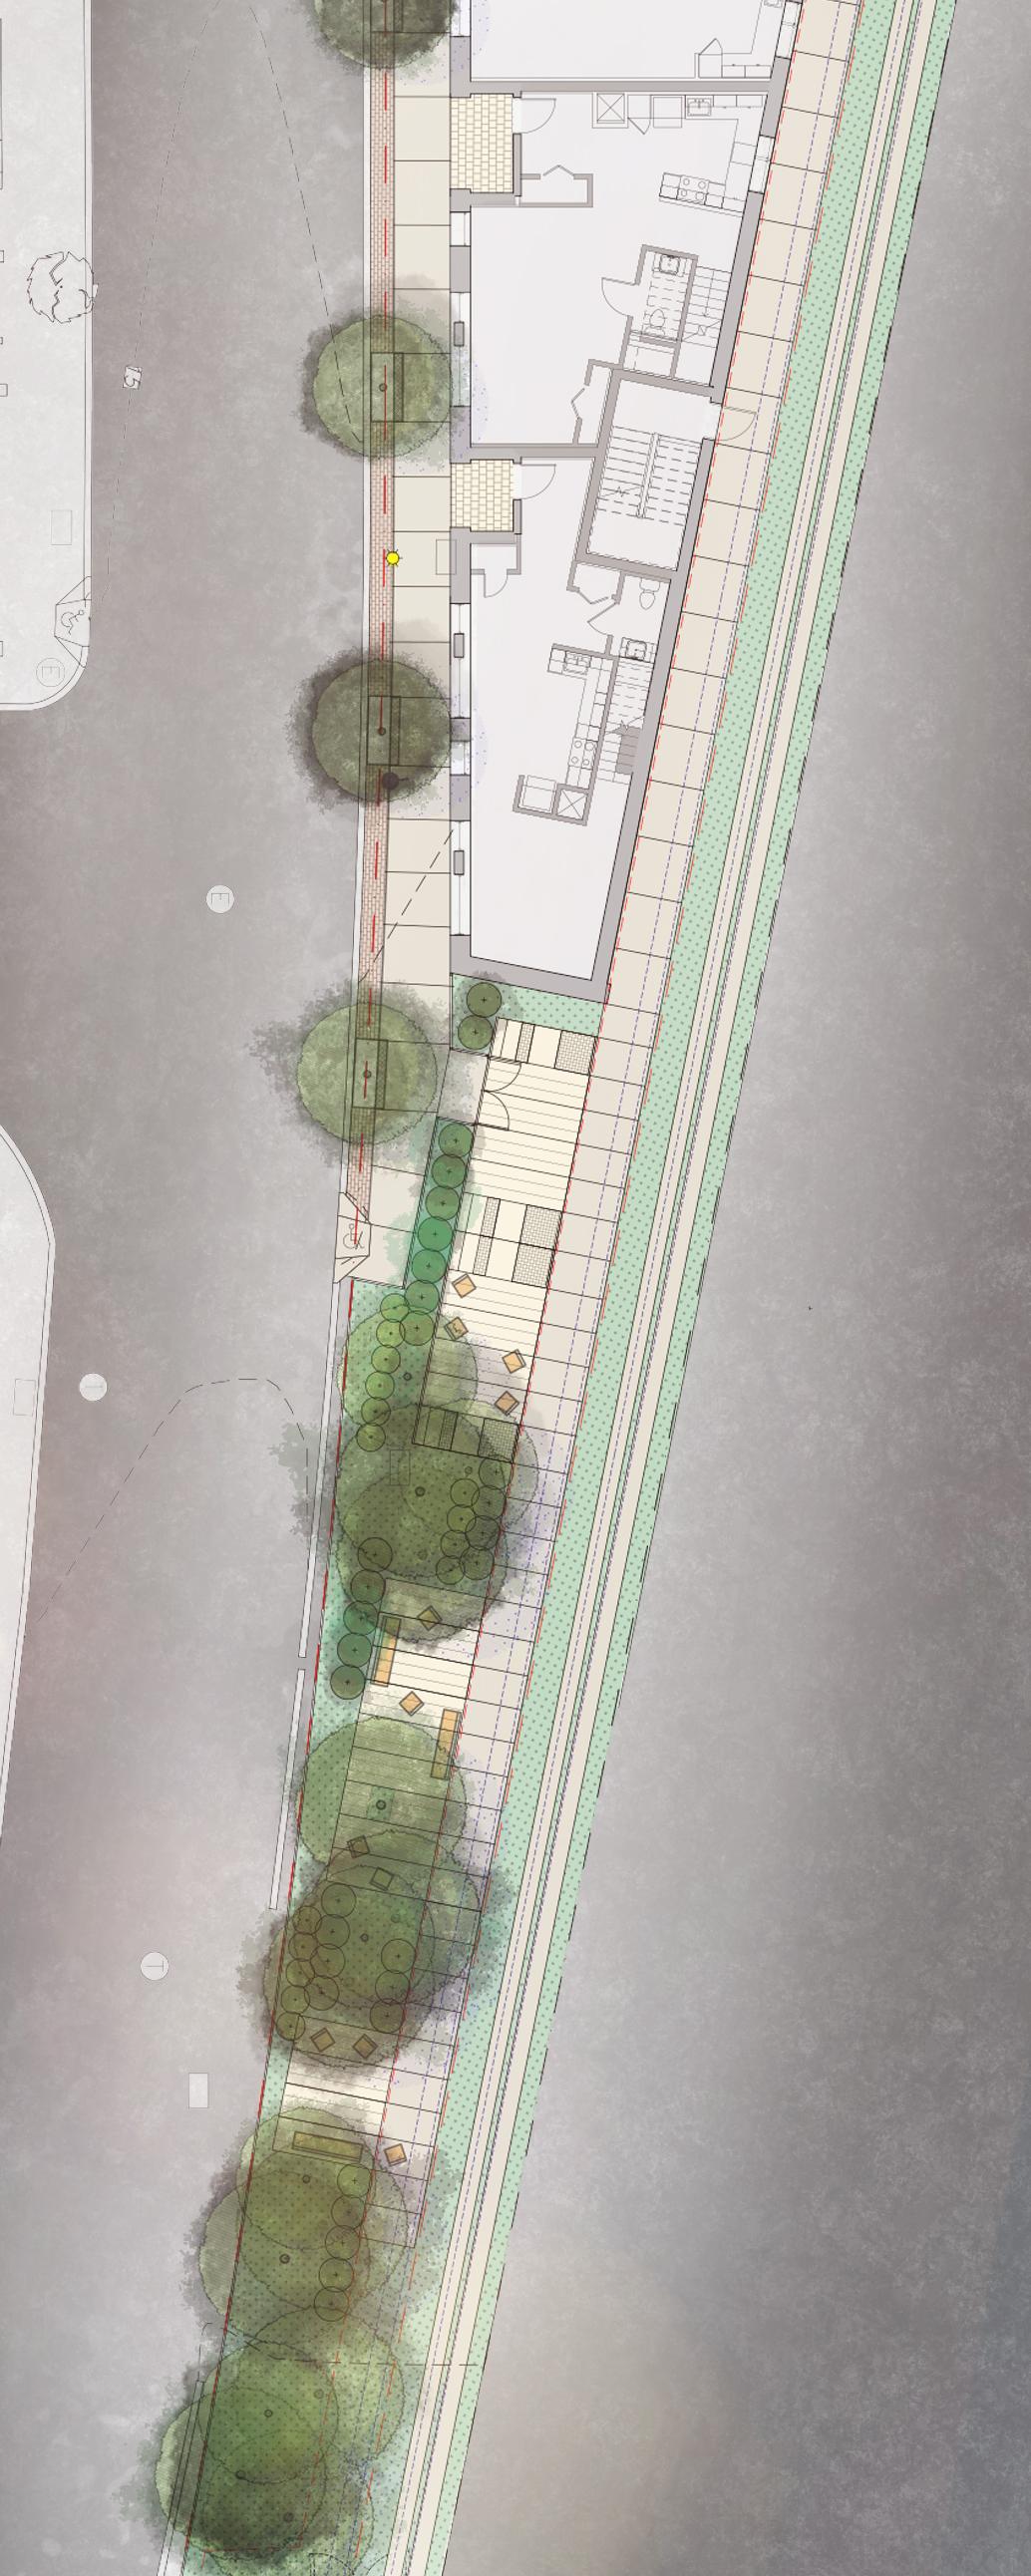 Site Plan Rendered Vertical.jpg